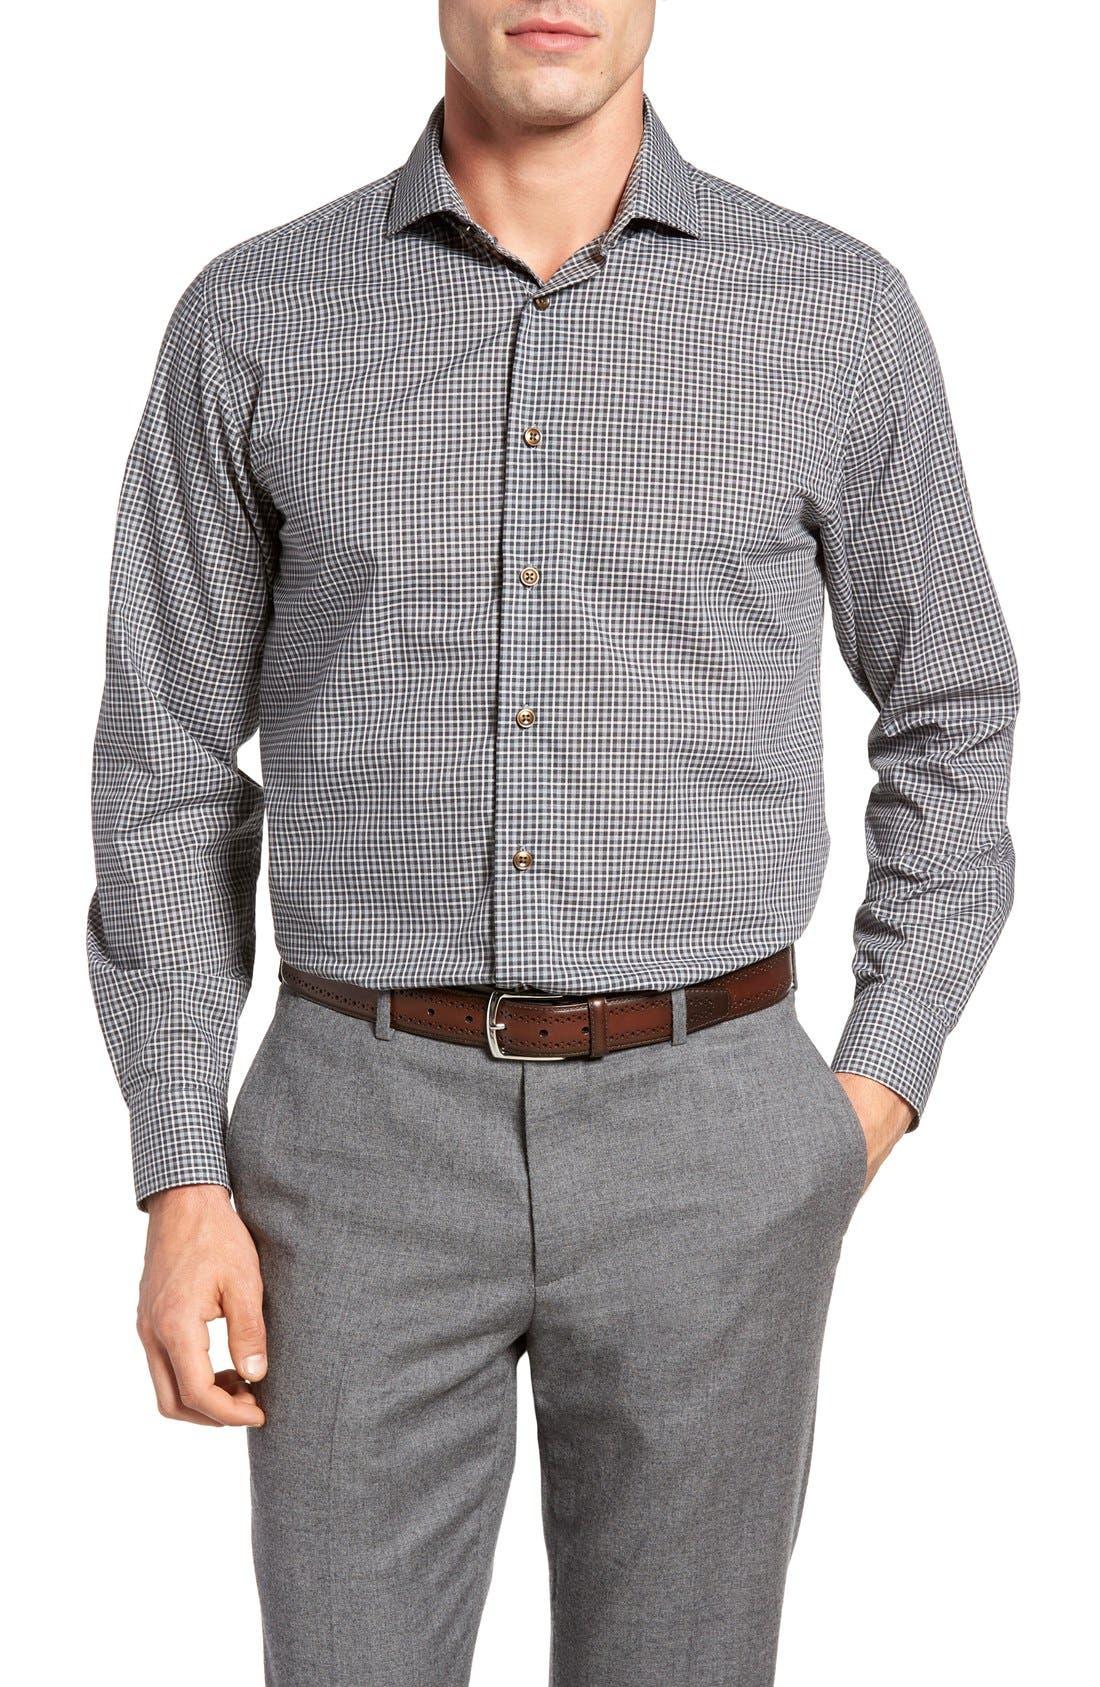 Thaddeus Frank05 Slim Fit Plaid Sport Shirt